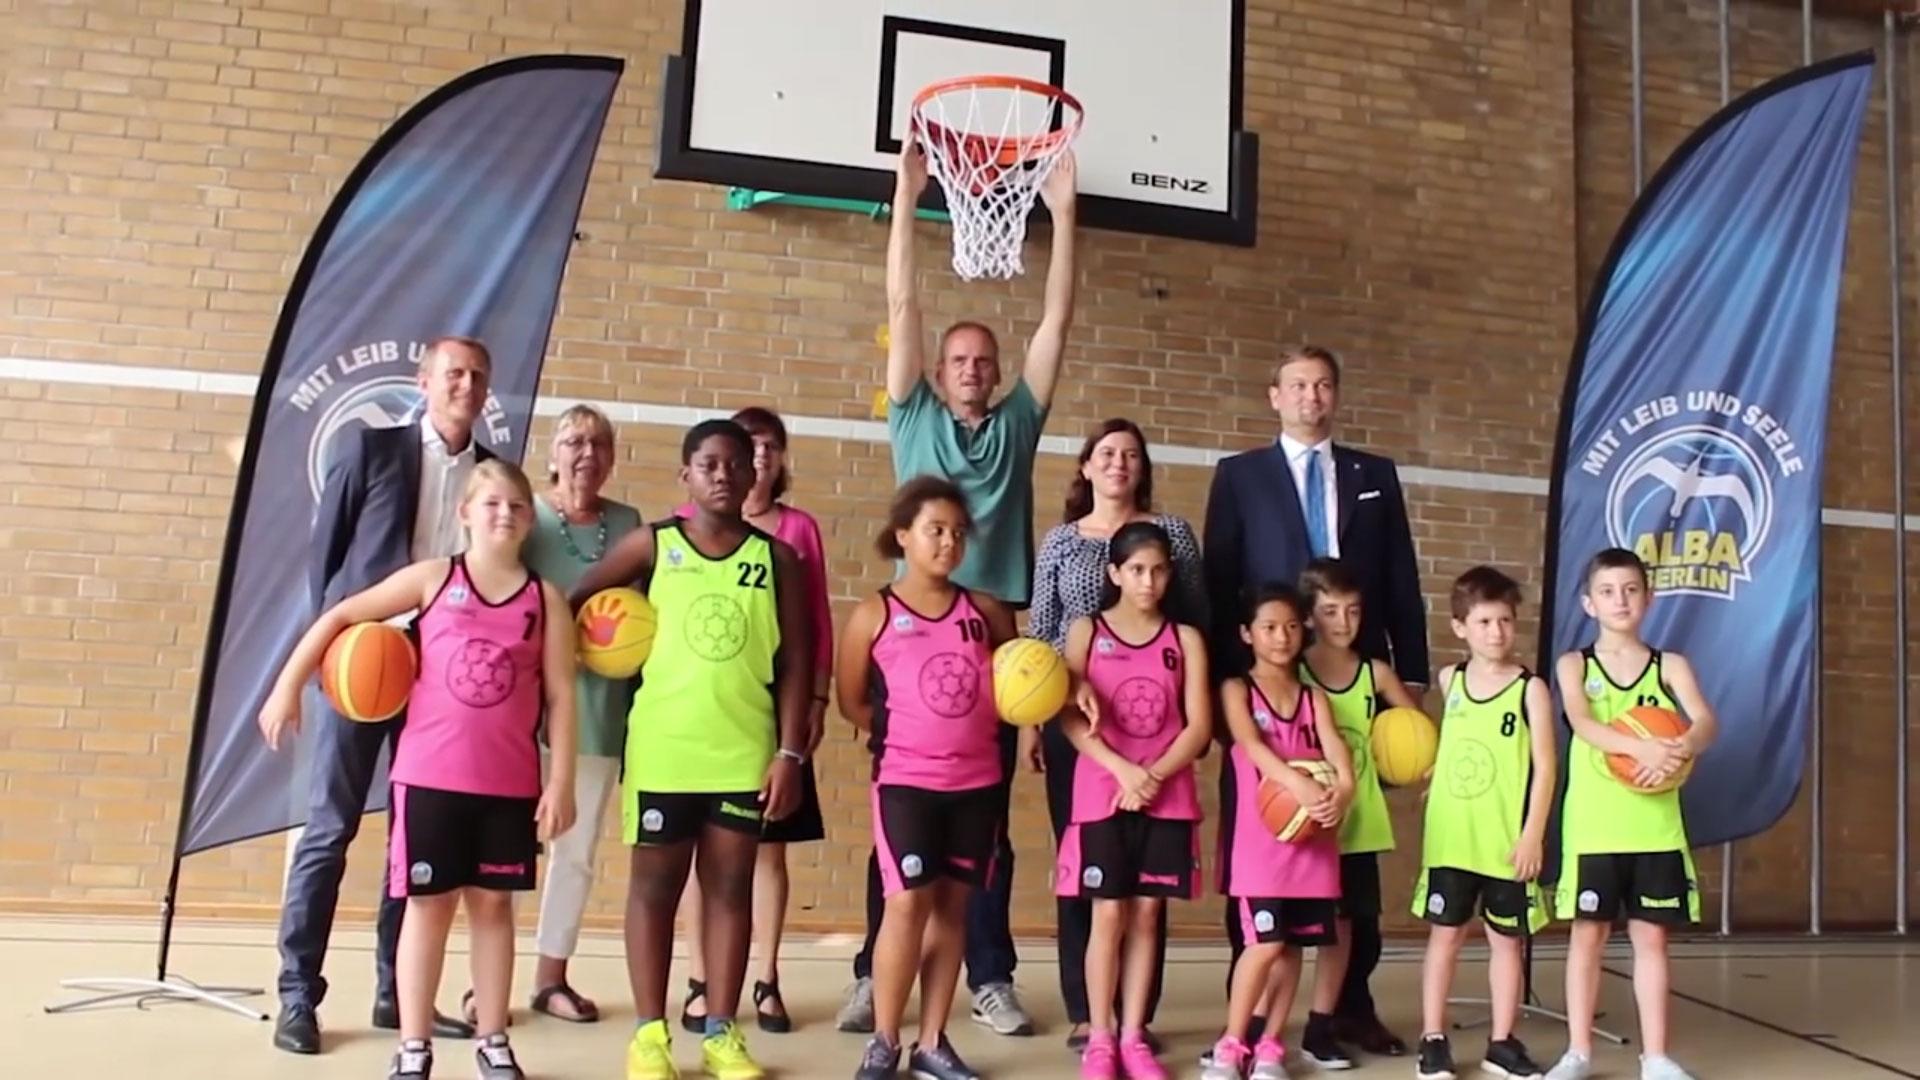 Senat, Bezirke, Schulen, Vereine und Alba Berlin - gemeinsam für Sport in Berlin; Bild (c): Alba Berlin